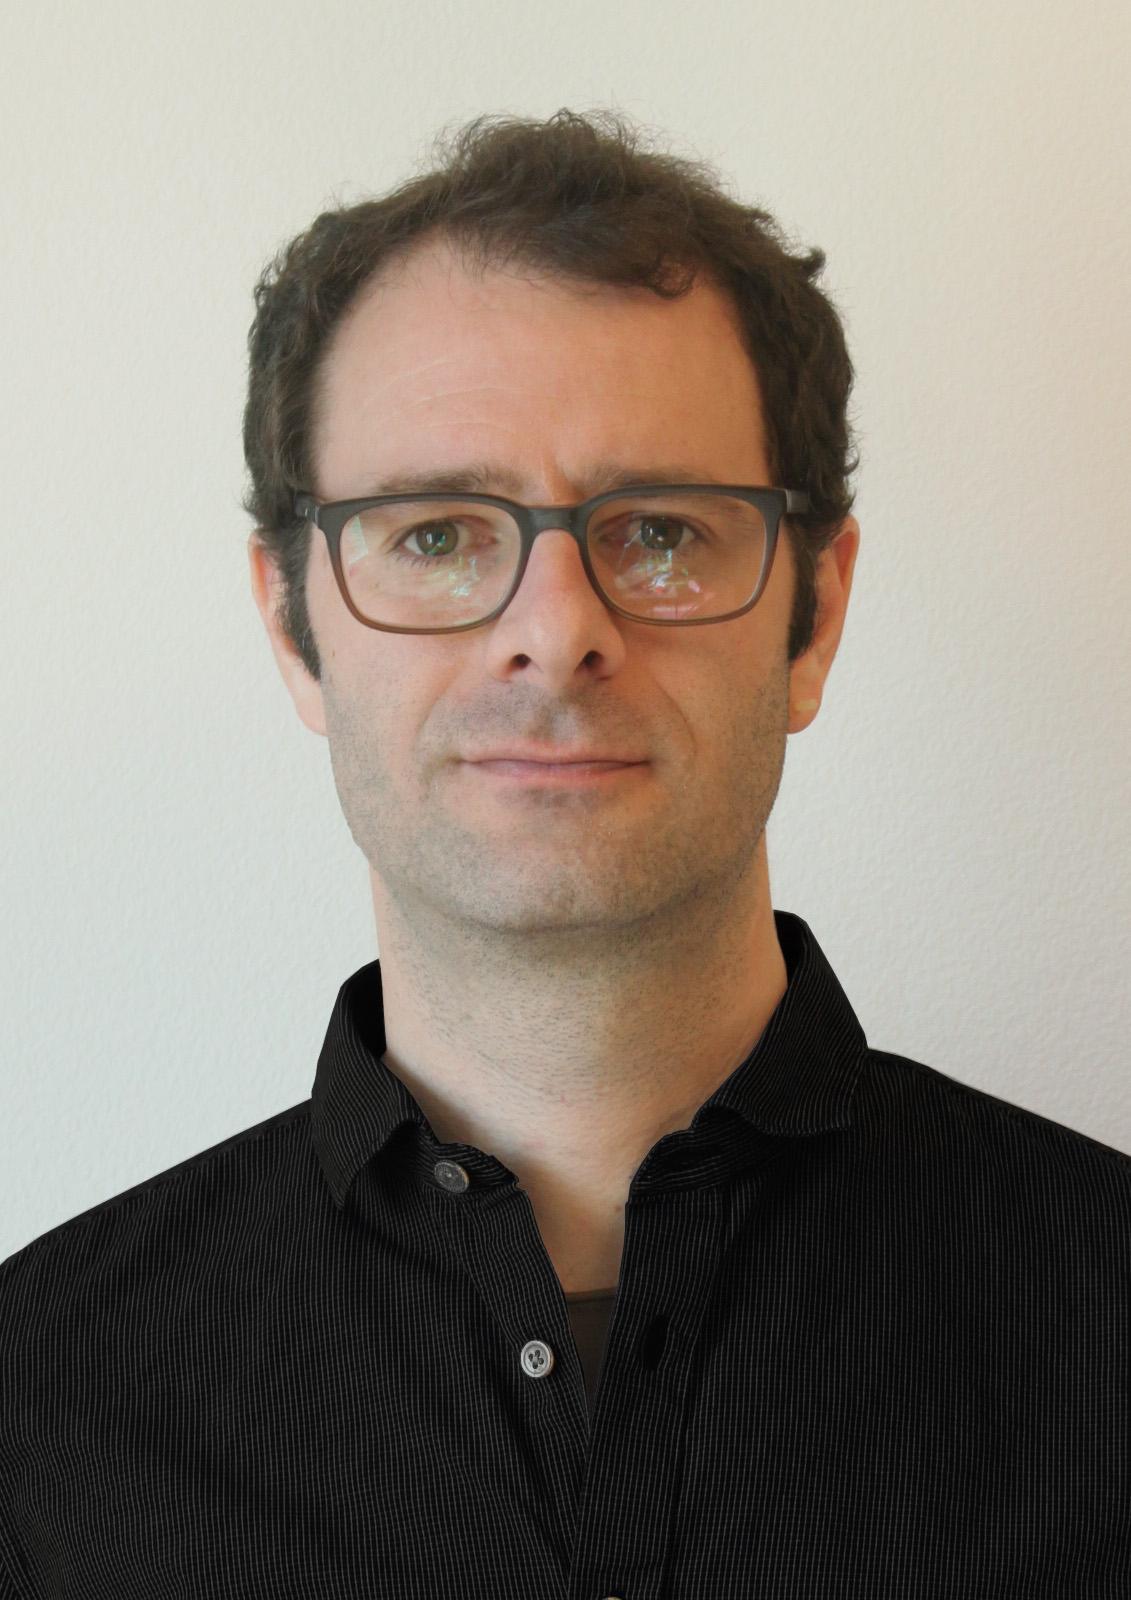 Michael Niederberger   m.niederberger@entux.ch   Industrial Design  HMI Gestaltung  Produktentwicklung  Modellbau und Prototypenbau